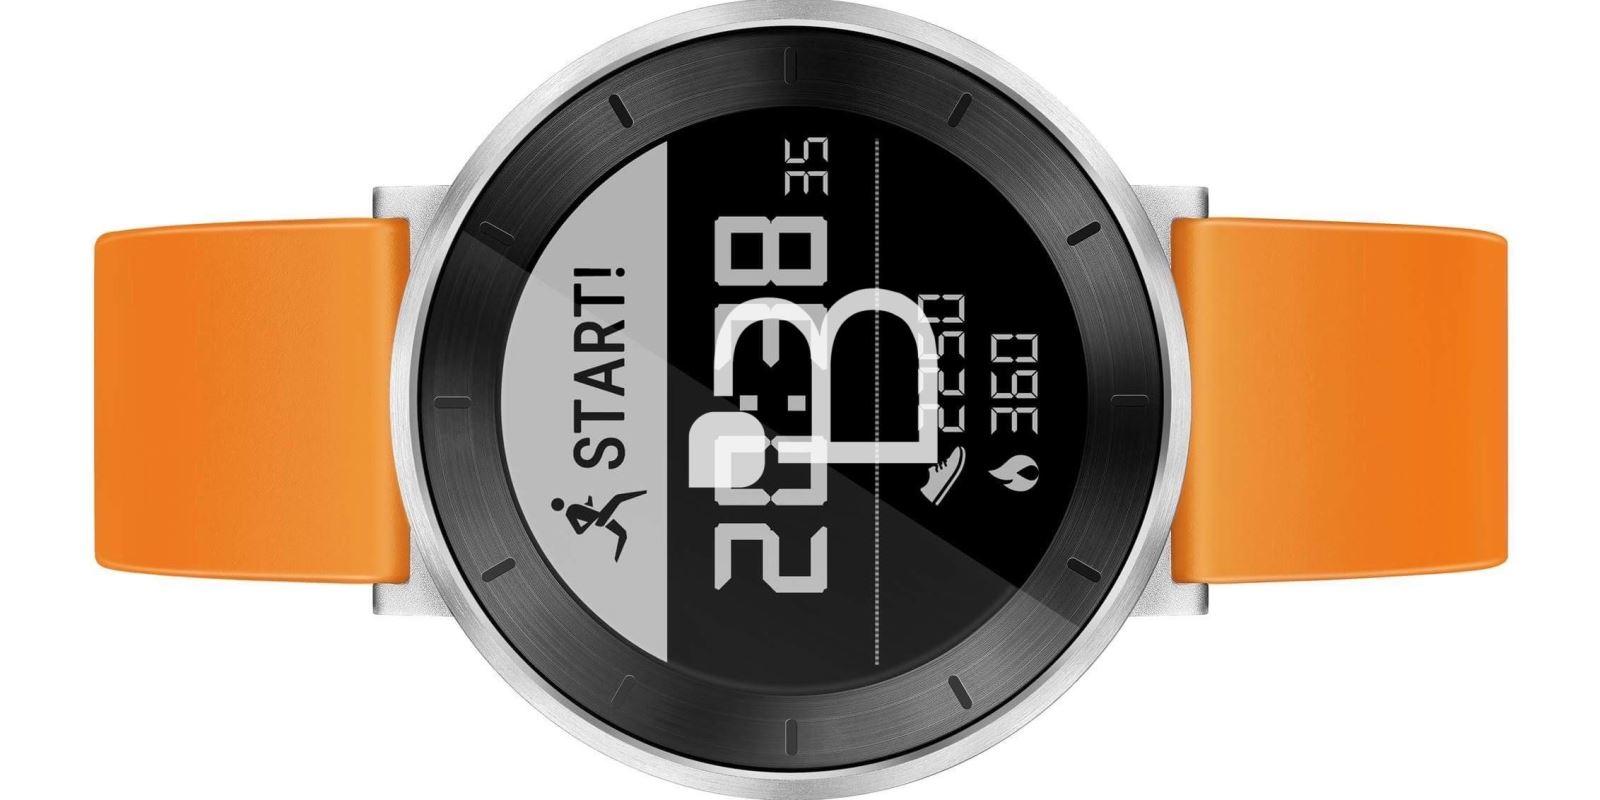 Đồng hồ thông minh Huawei Fit lộ ảnh đẹp mắt, có thể ra mắt ngay trong ngày mai